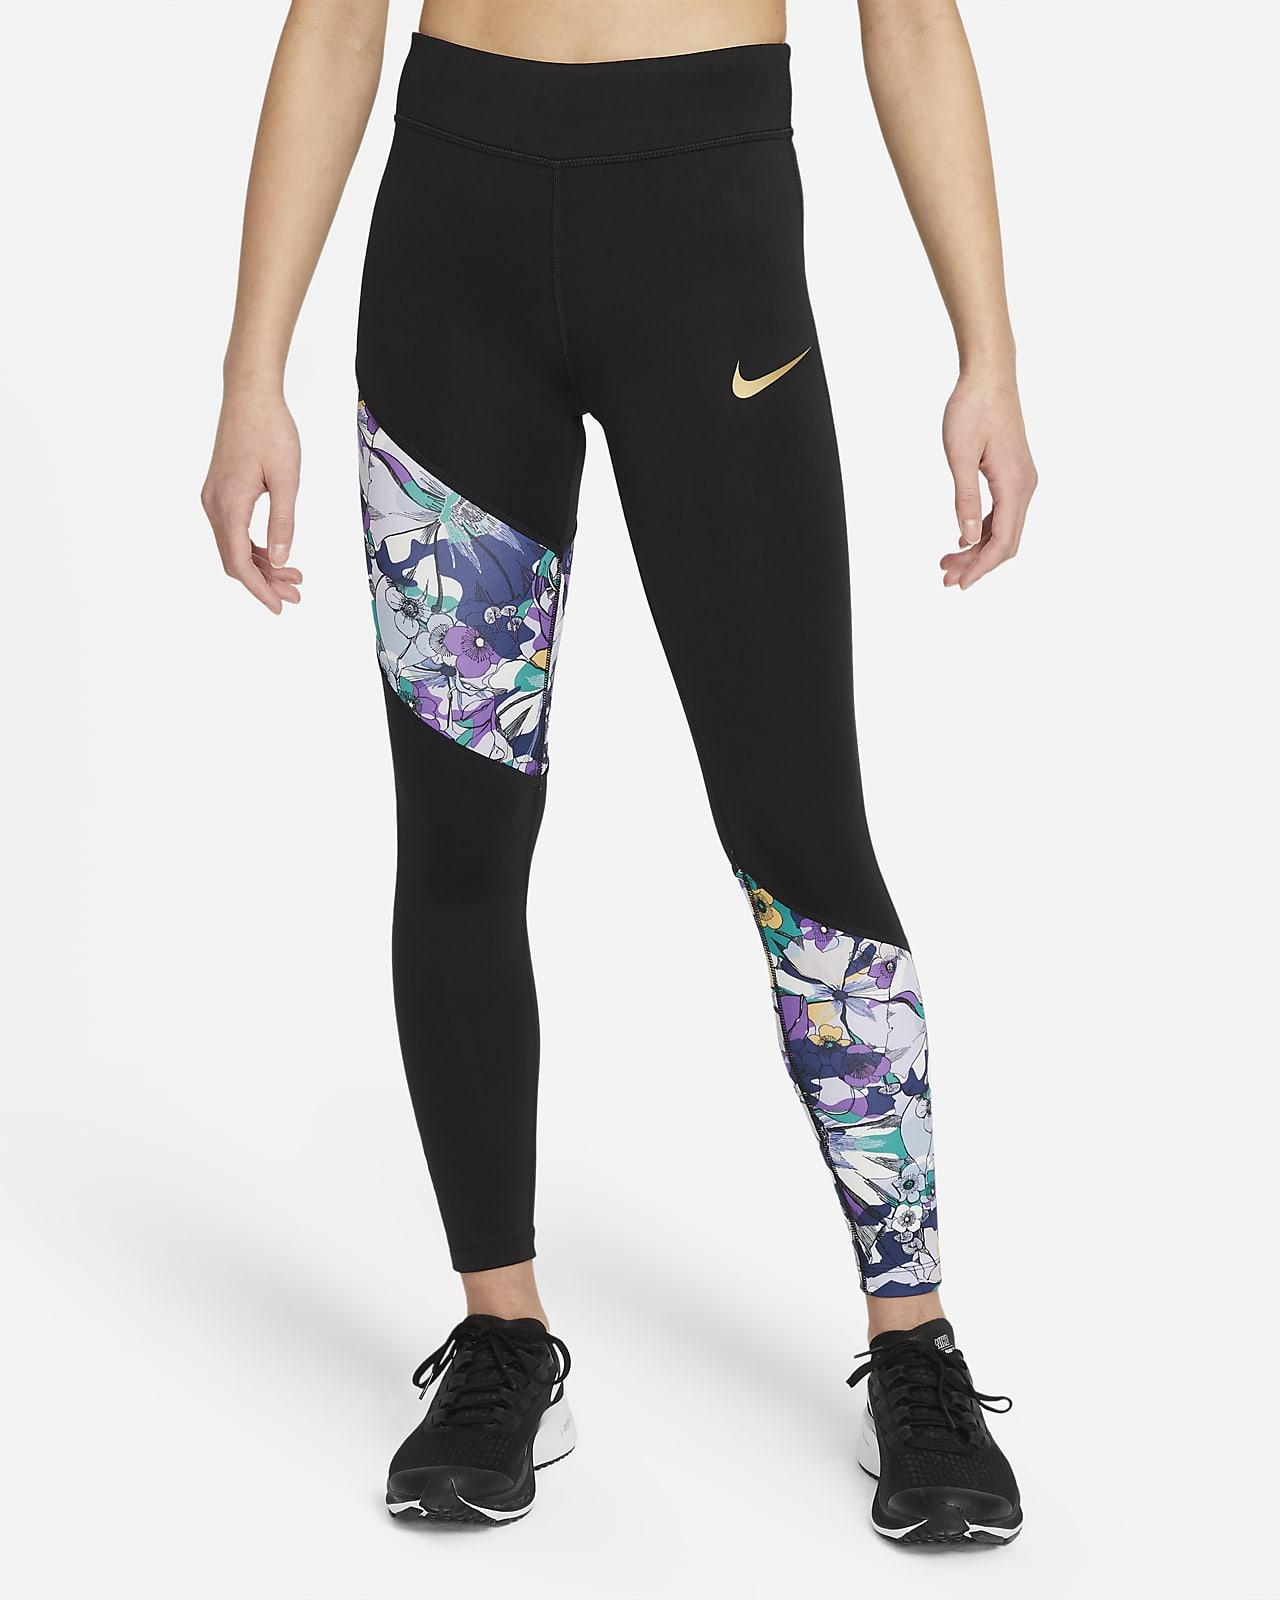 Леггинсы для девочек школьного возраста Nike Dri-FIT One